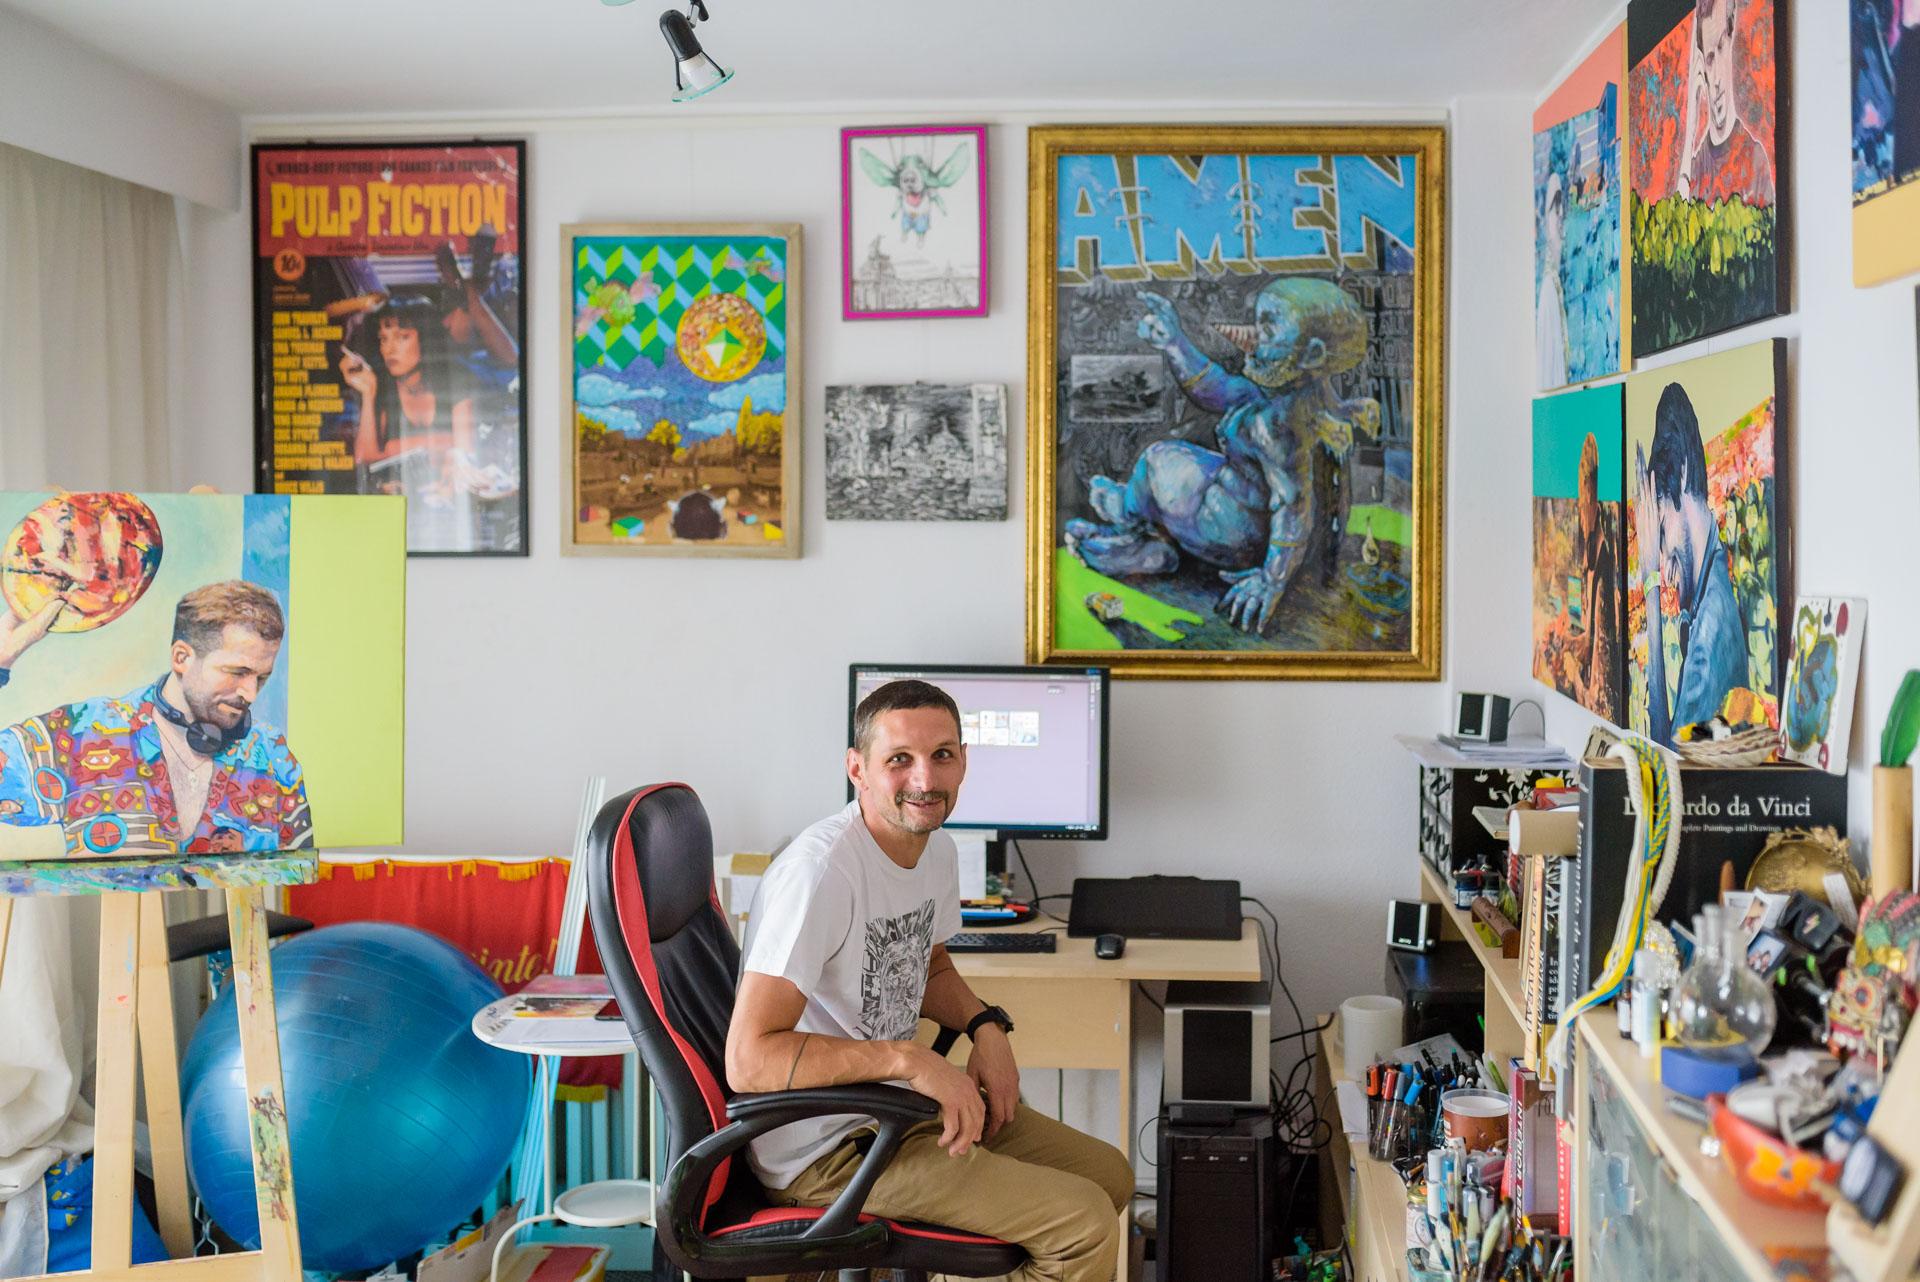 Interviu cu Georgian Mazerschi despre cartea de stickere pe care se pregătește să o lanseze